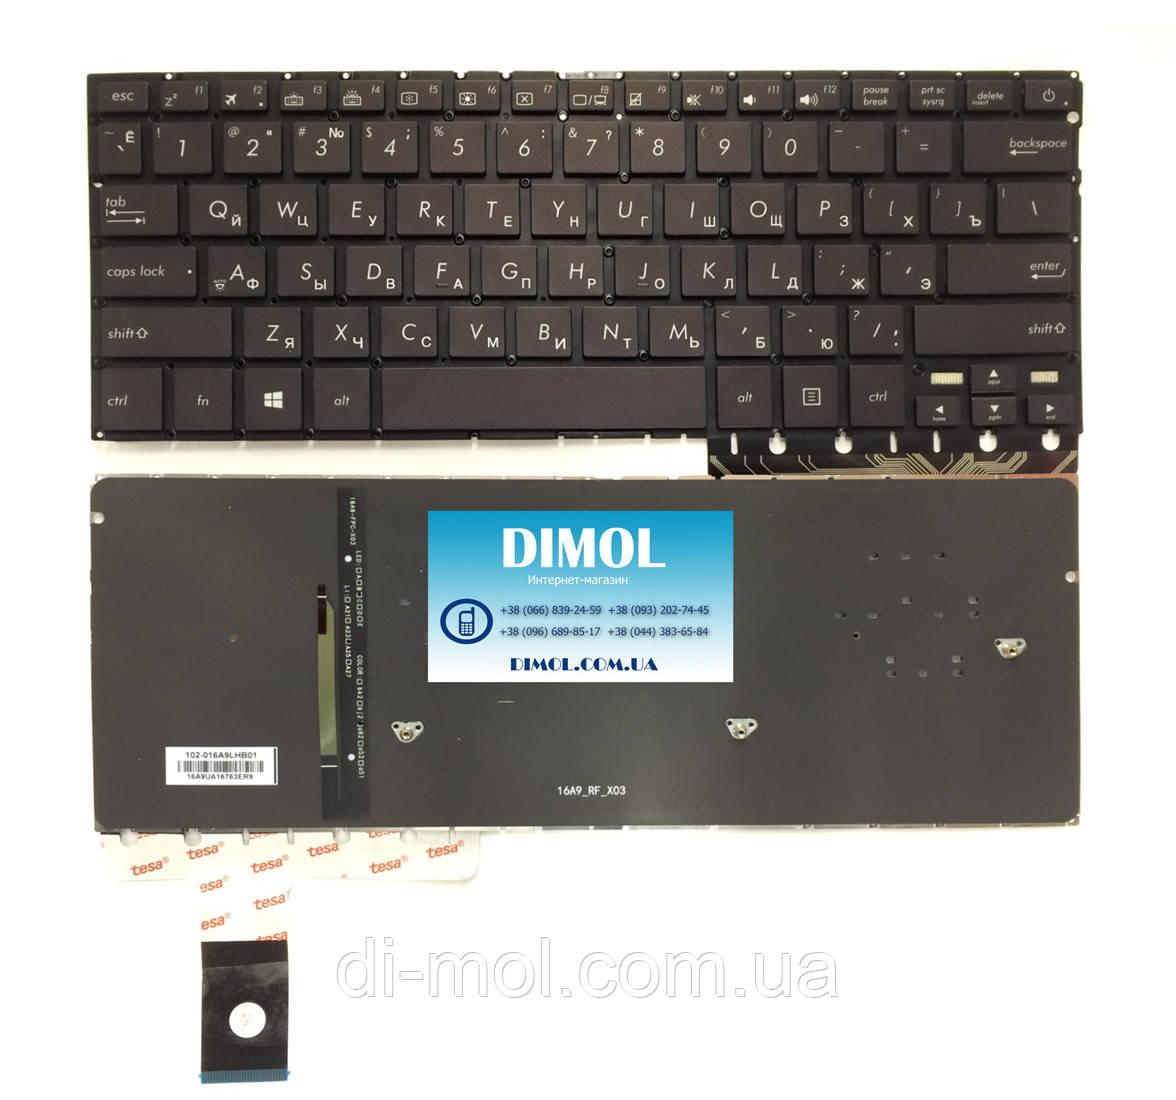 Оригинальная клавиатура для ноутбука Asus UX330U series, black, ru, подсветка